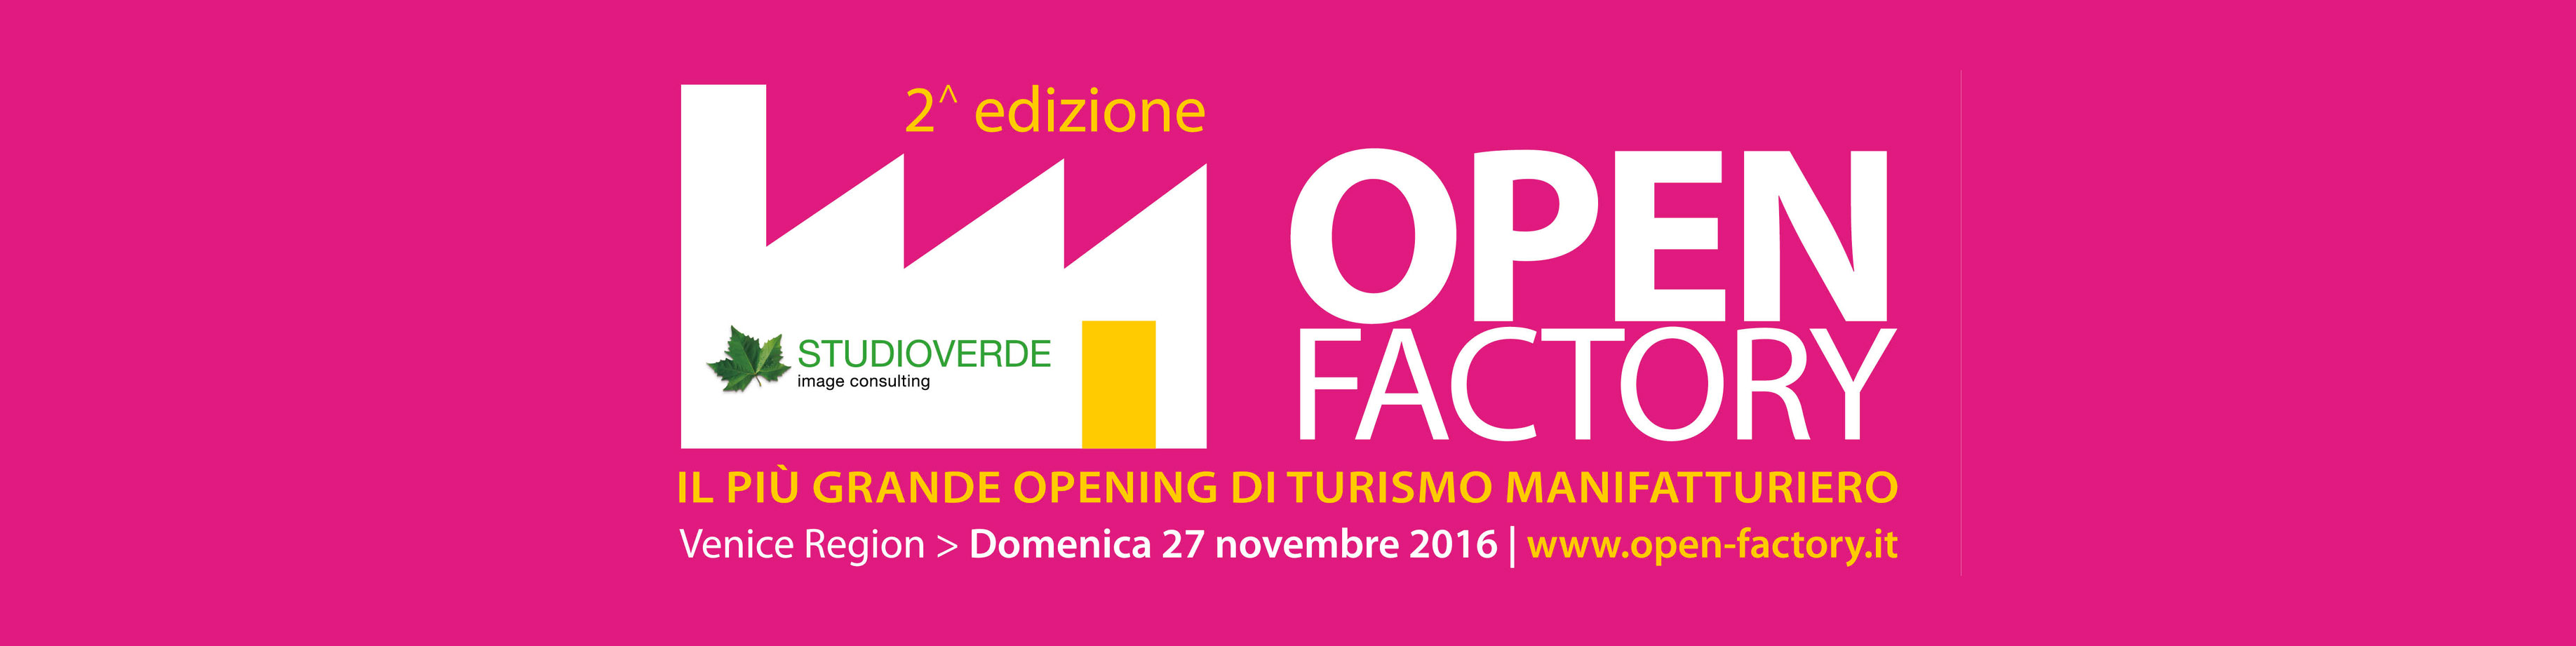 open-factory-banner-3